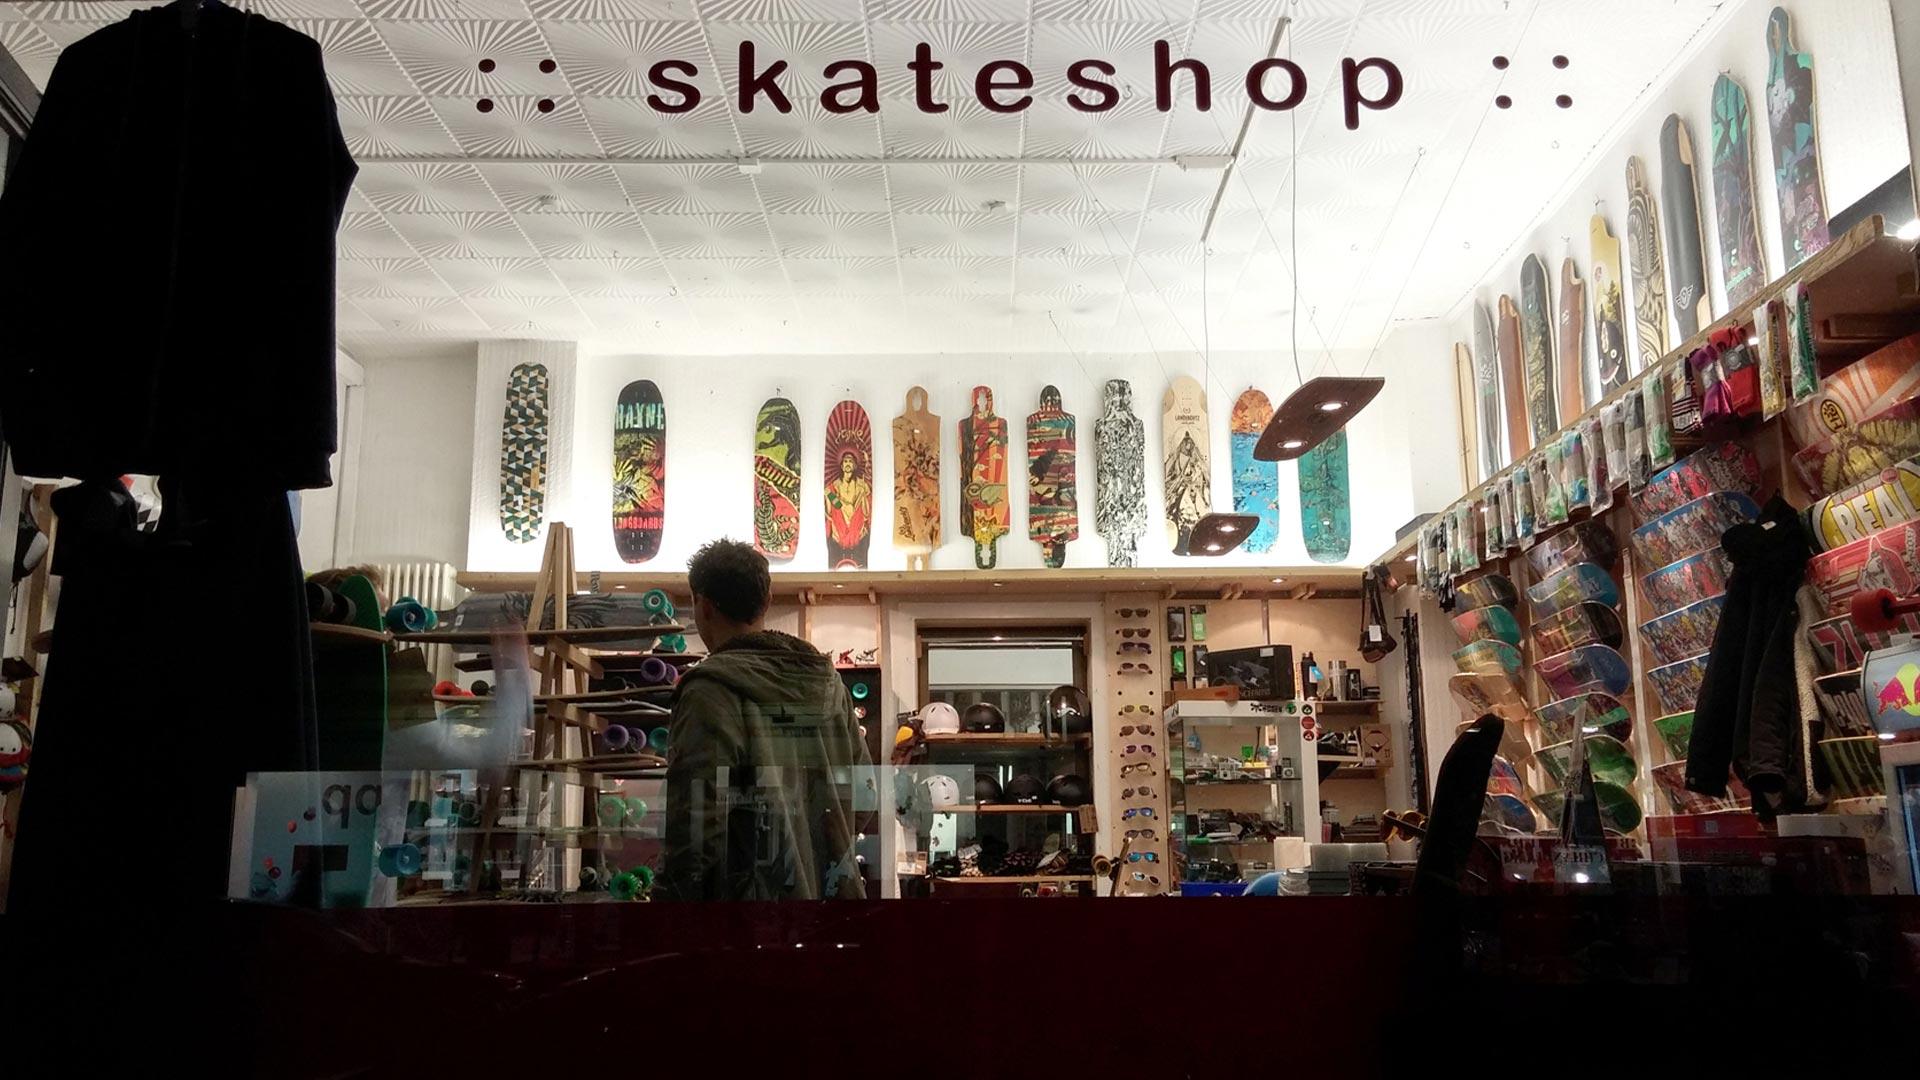 MAASS-Lichtplanung_Skateshop Beleuchtungskonzept__MAASS-Skateshop-000